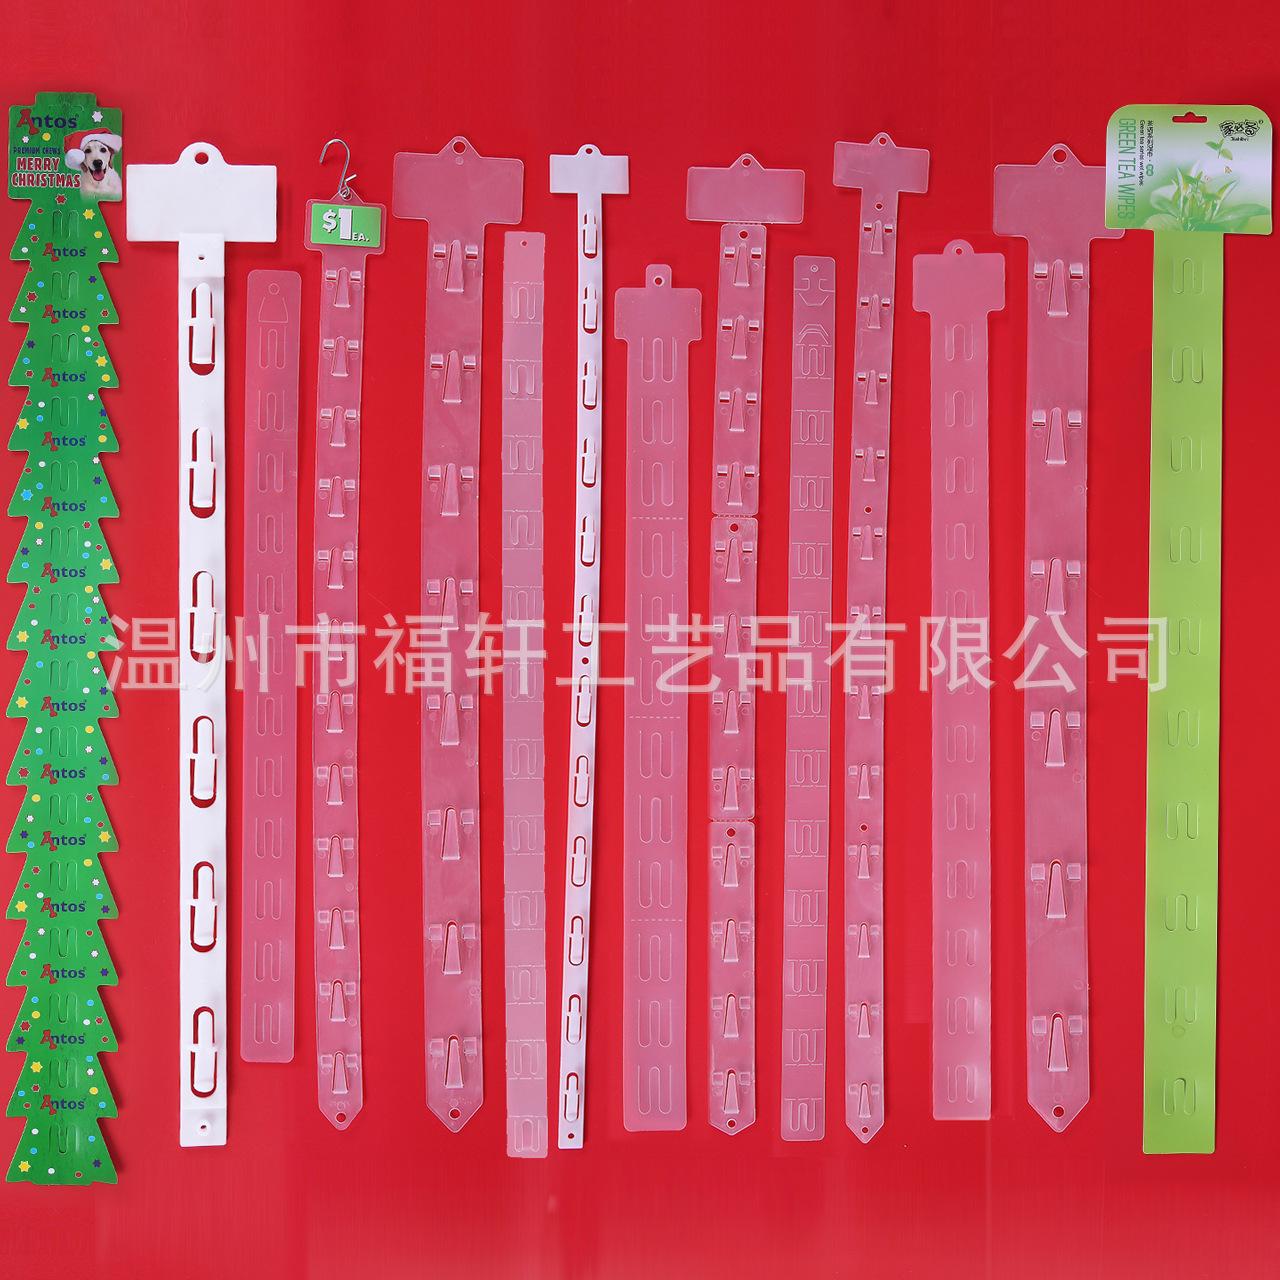 厂家批发现货挂条食品展示PVC挂条 超市pp透明塑料印刷挂条加工